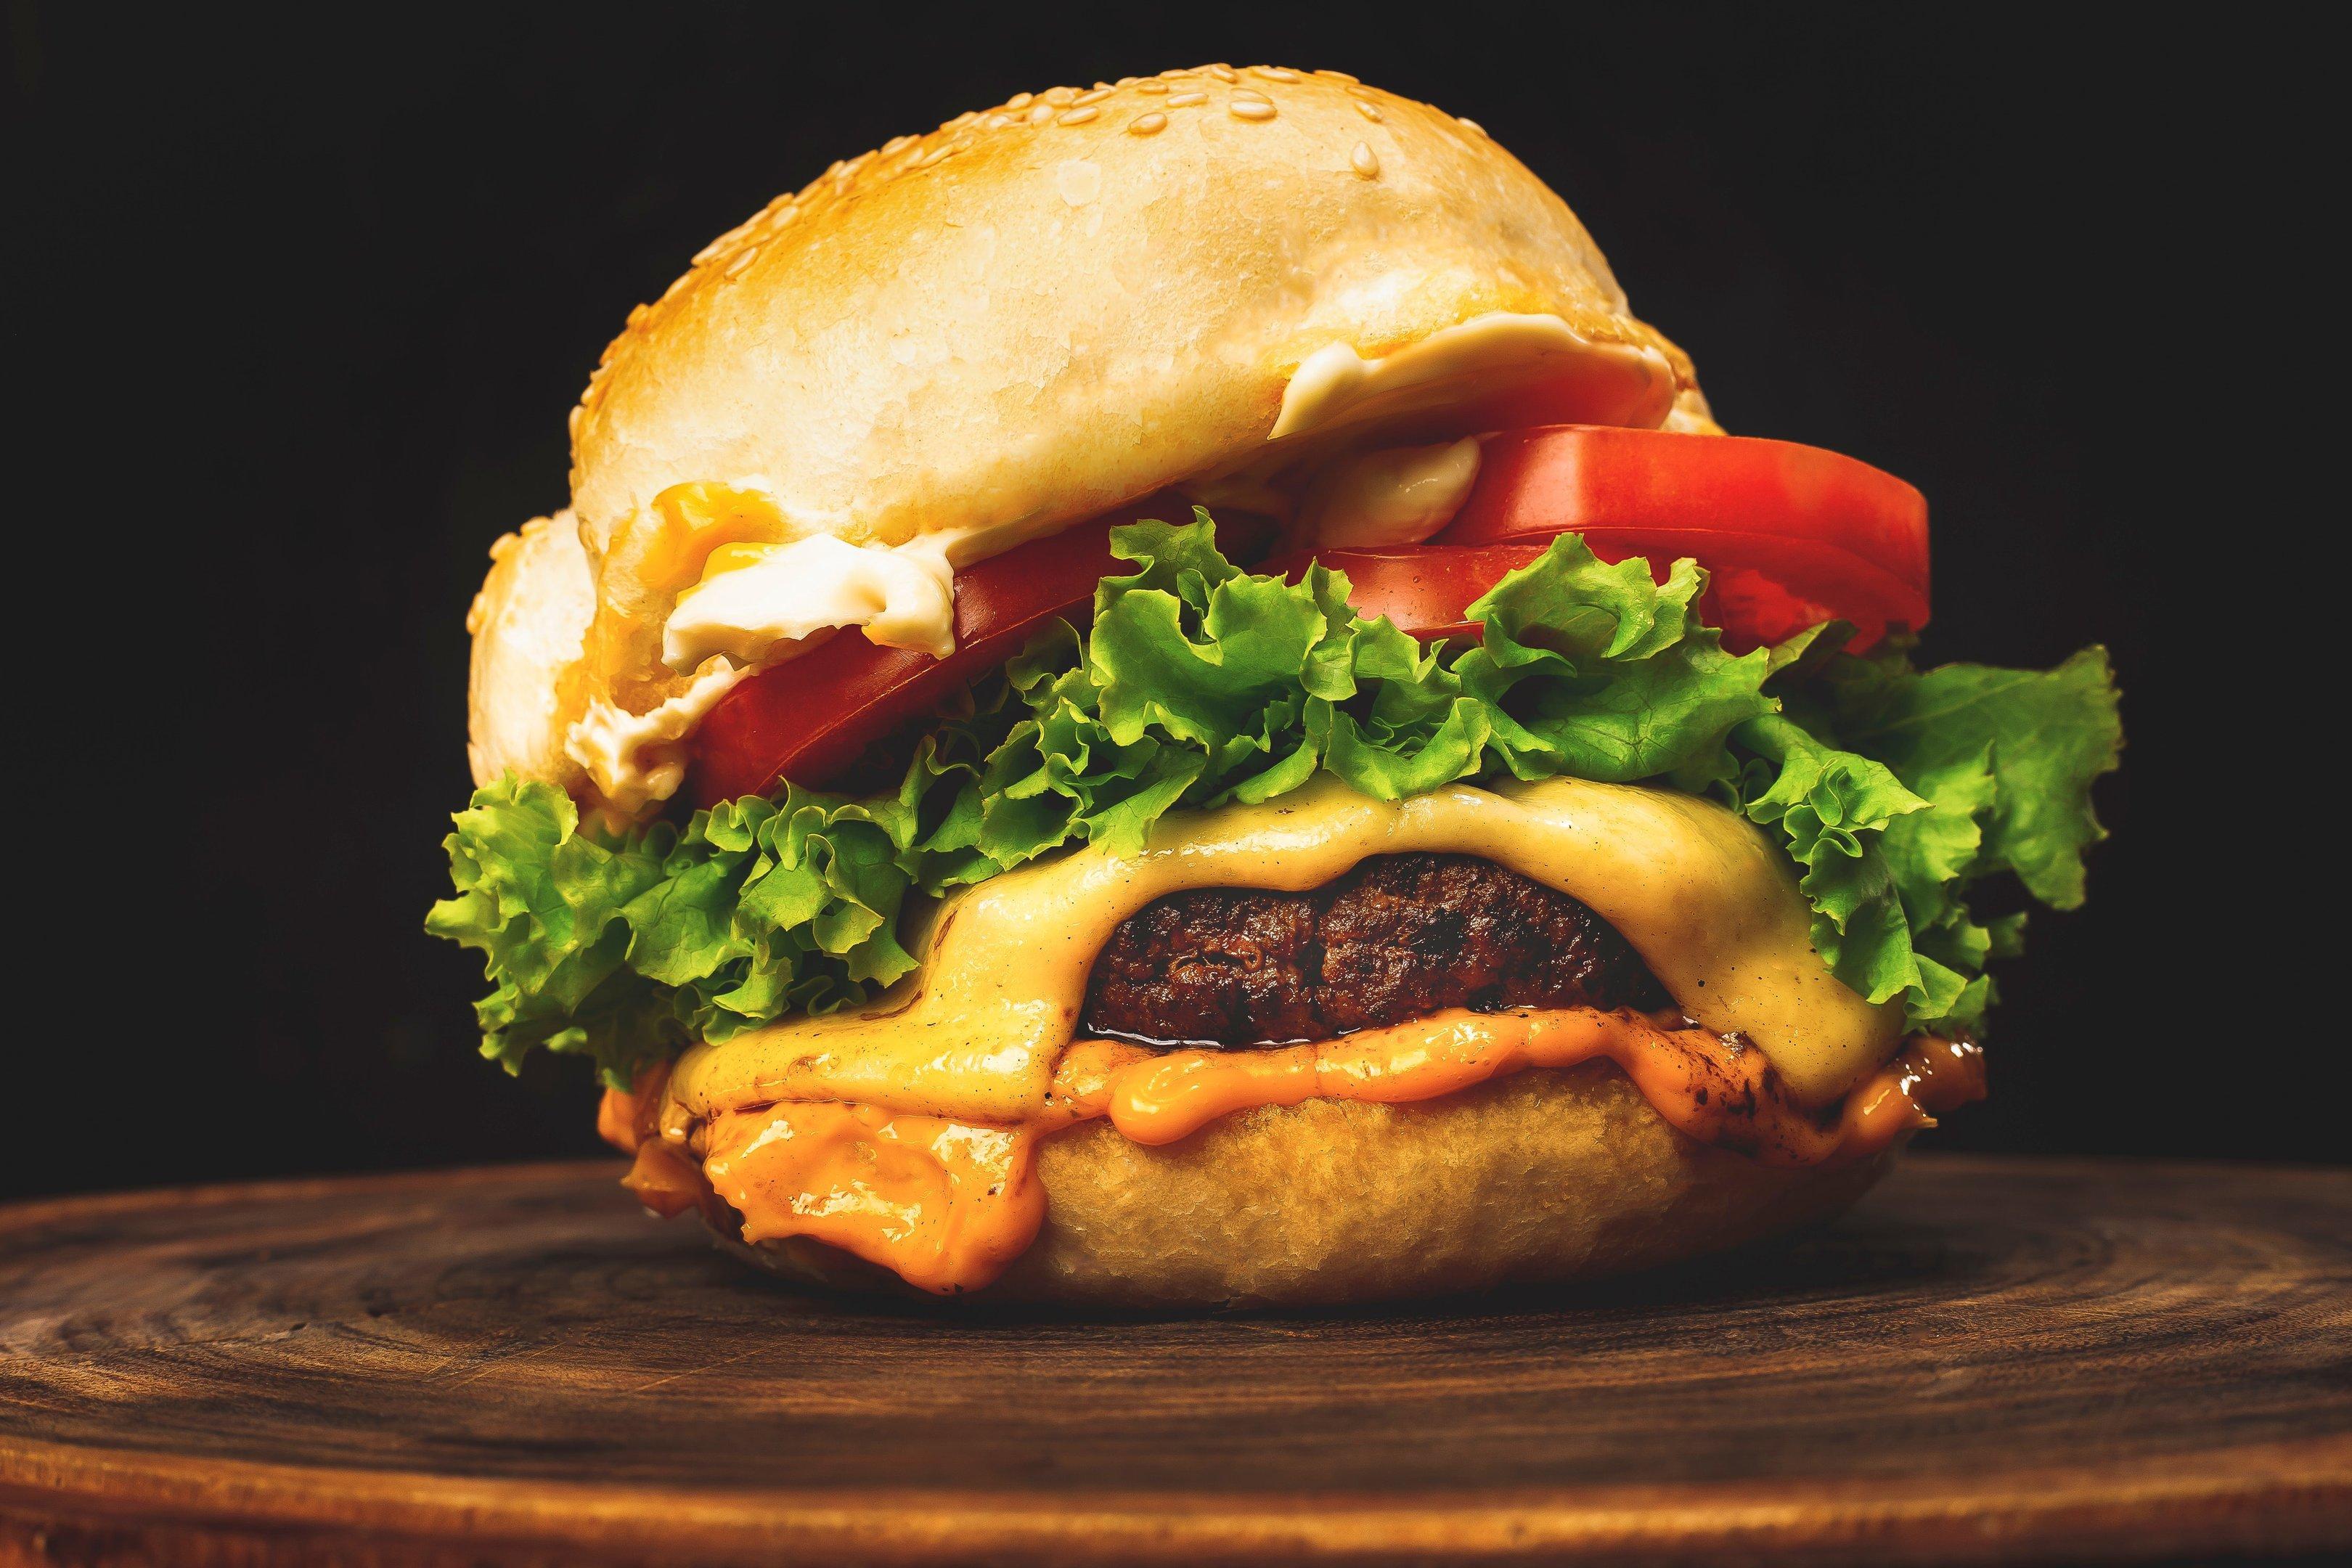 """Dia do Hambúrguer: série da EXAME Estilo de Vida """"Revolução do Churrasco"""" traz as dicas para fazer um hambúrguer perfeito"""